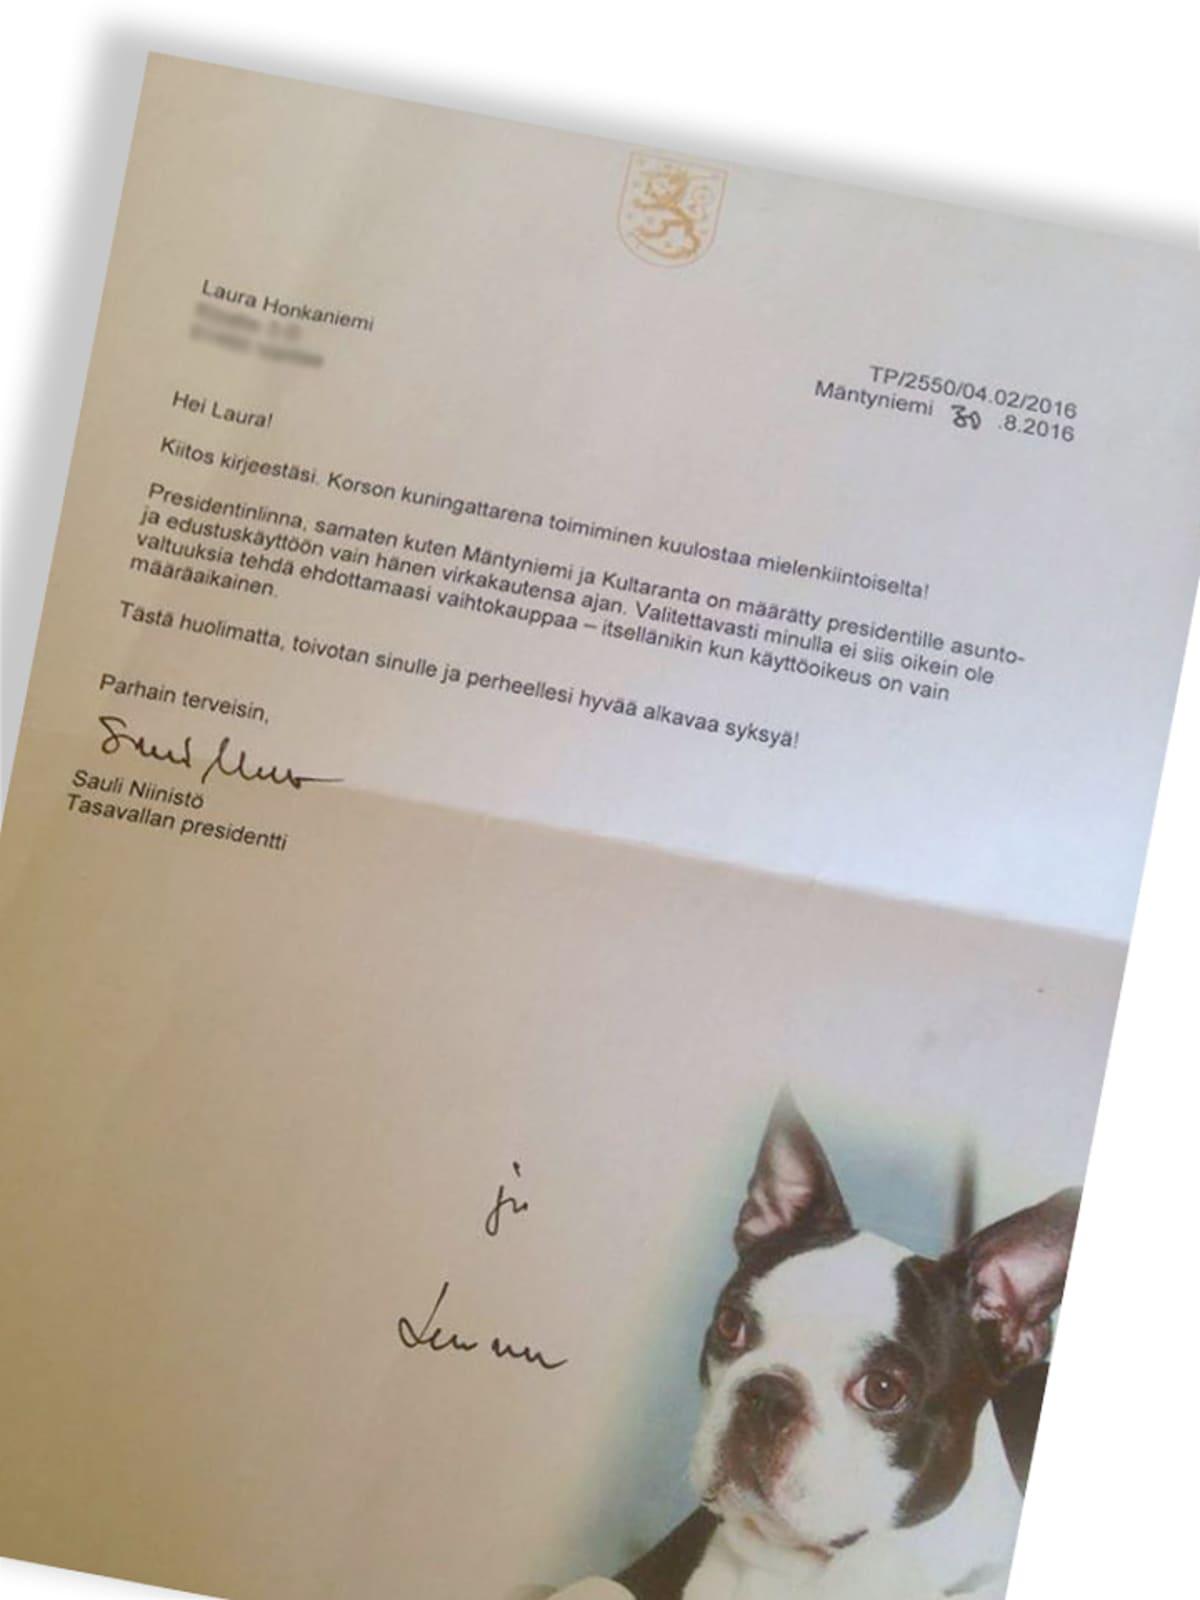 Presidentin vastaus Lauran tarjoukseen vaihtaa asuntoja.